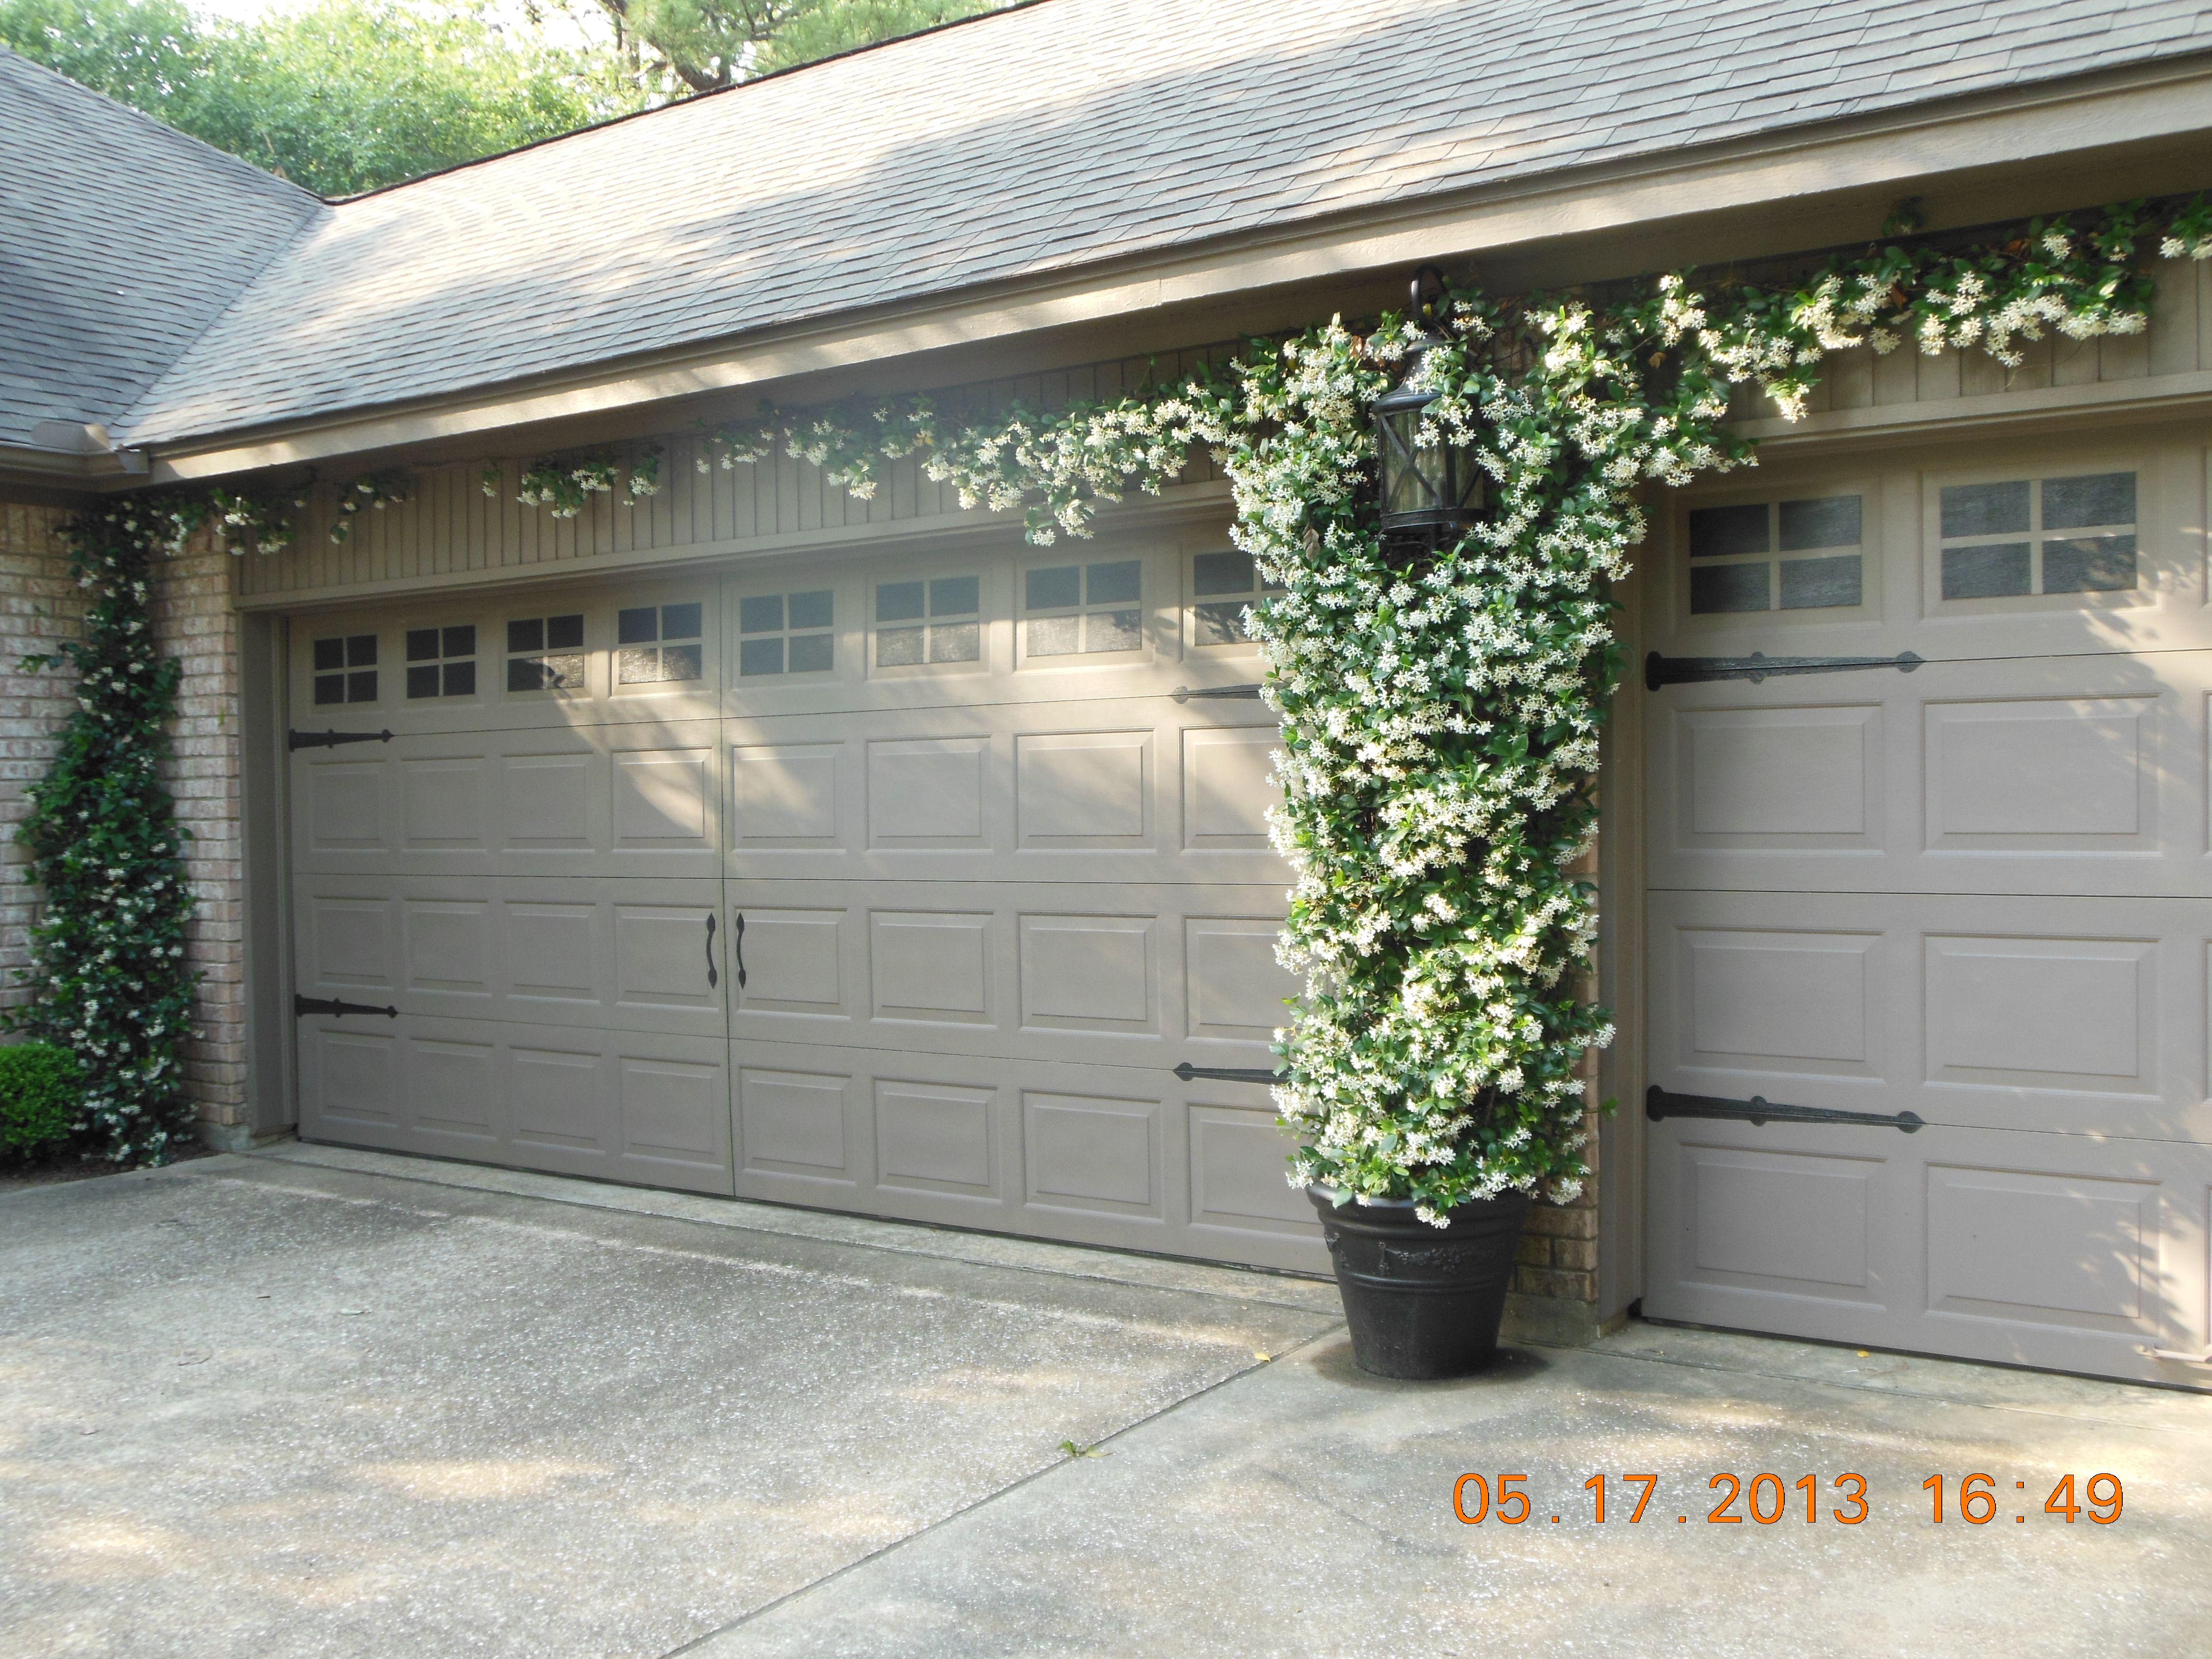 Confederate jasmine growing between garage doors landscaping confederate jasmine growing between garage doors rubansaba